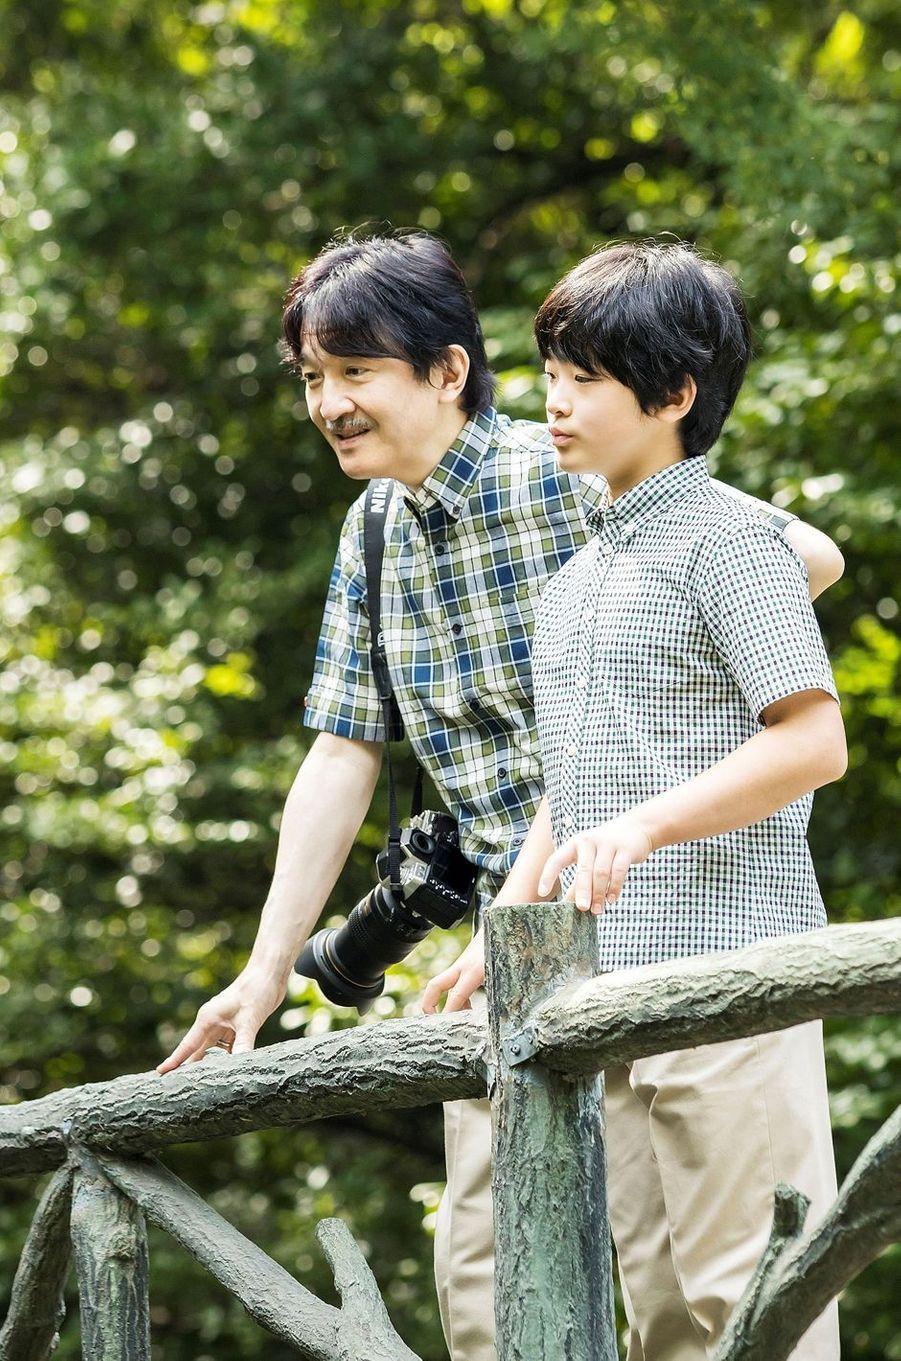 Le prince Hisahito du Japon avec son père, le prince héritier Fumihito d'Akishino à Tokyo, le 10 août 2020. Photo diffusée le 6 septembre 2020 pour ses 14 ans